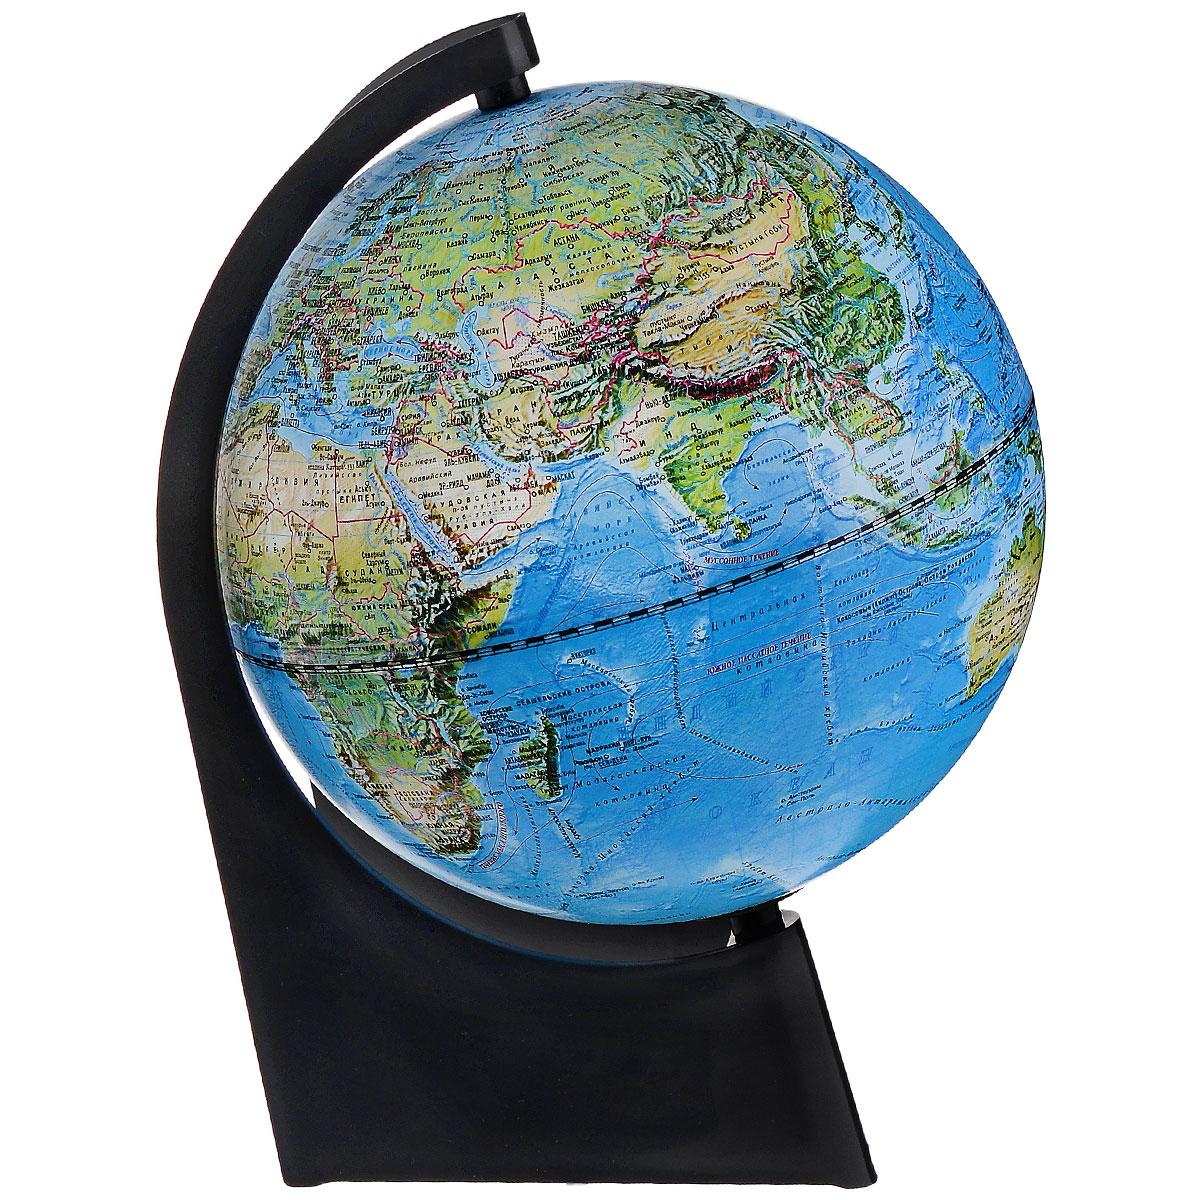 Глобусный мир Глобус с физической/политической картой, диаметр 21 см, с подсветкой, на подставке